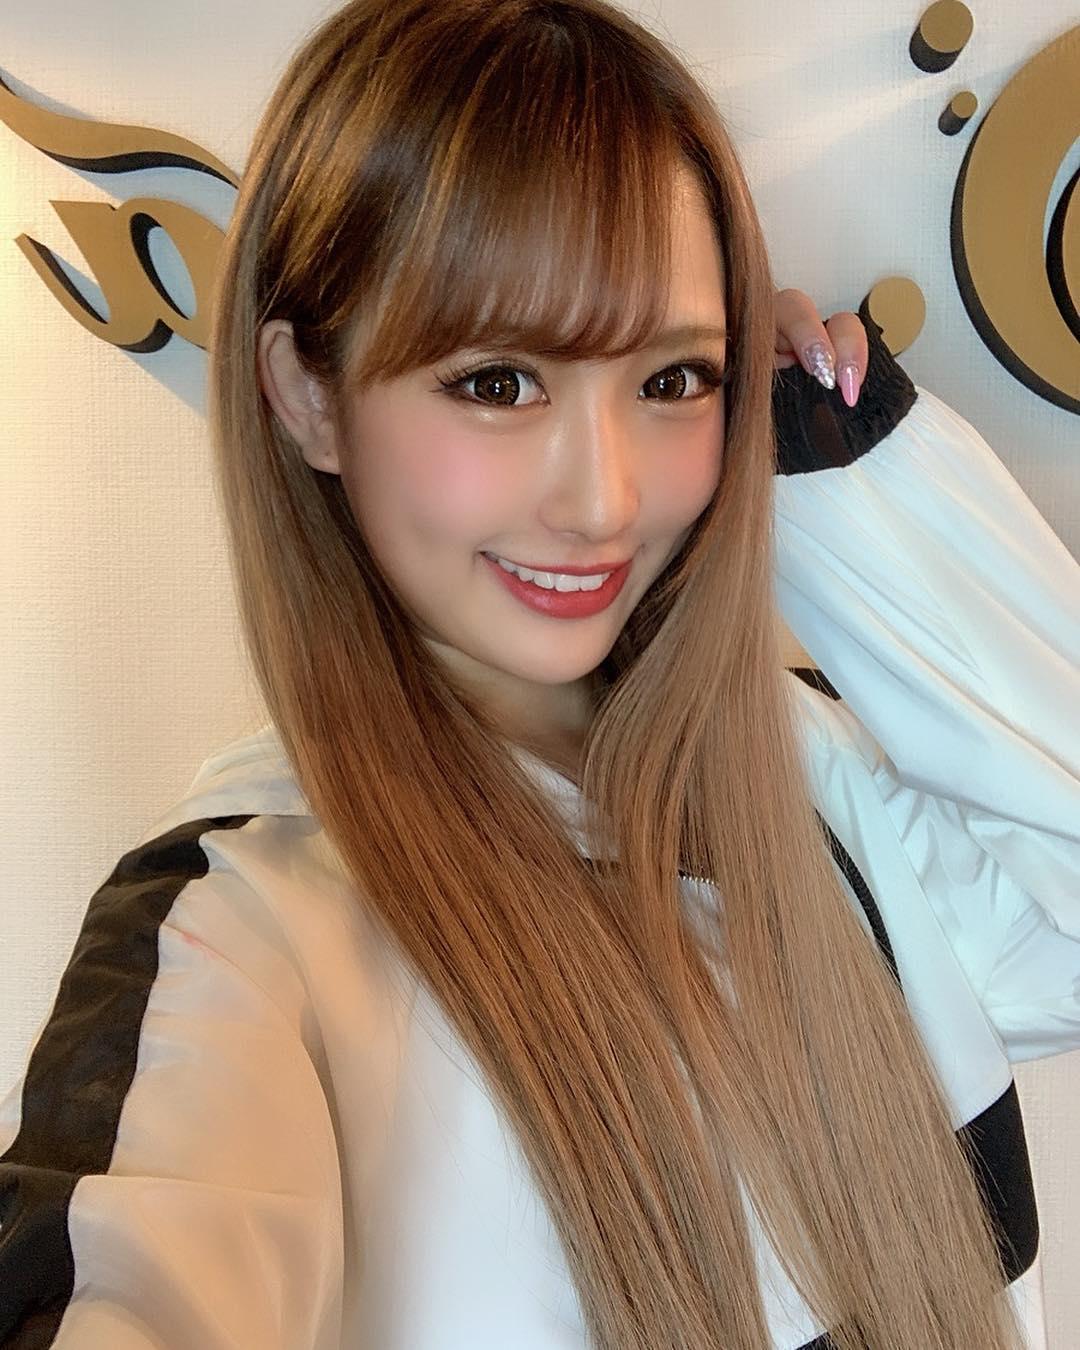 日本「國民小老婆」宣佈畢業!穿「極短迷你裙」曬美腿 粉絲激動:終於合法了~